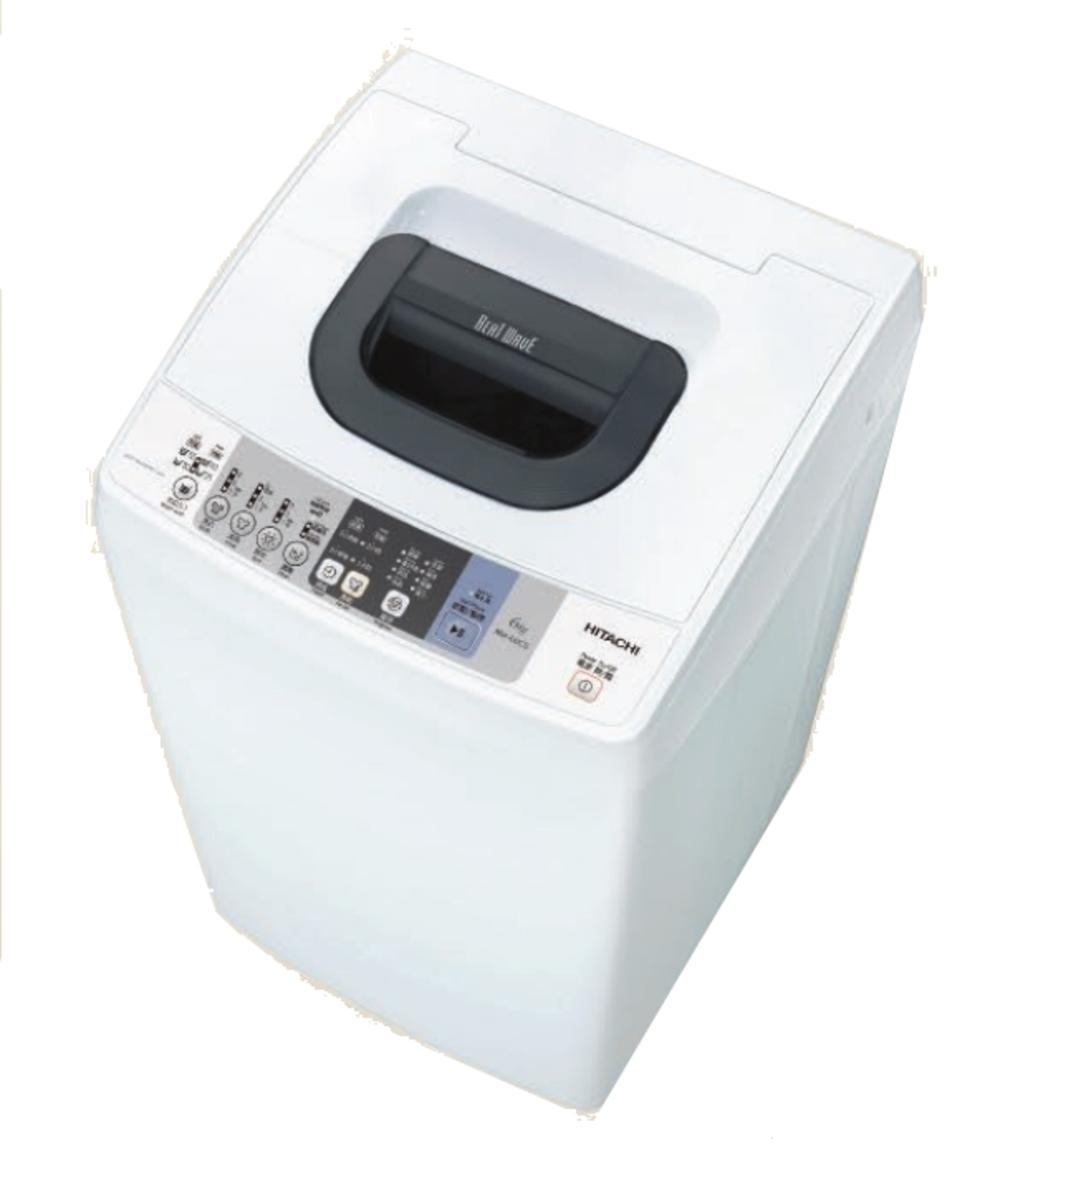 NW-60CS 日式全自動洗衣機 (6公斤) 低水位